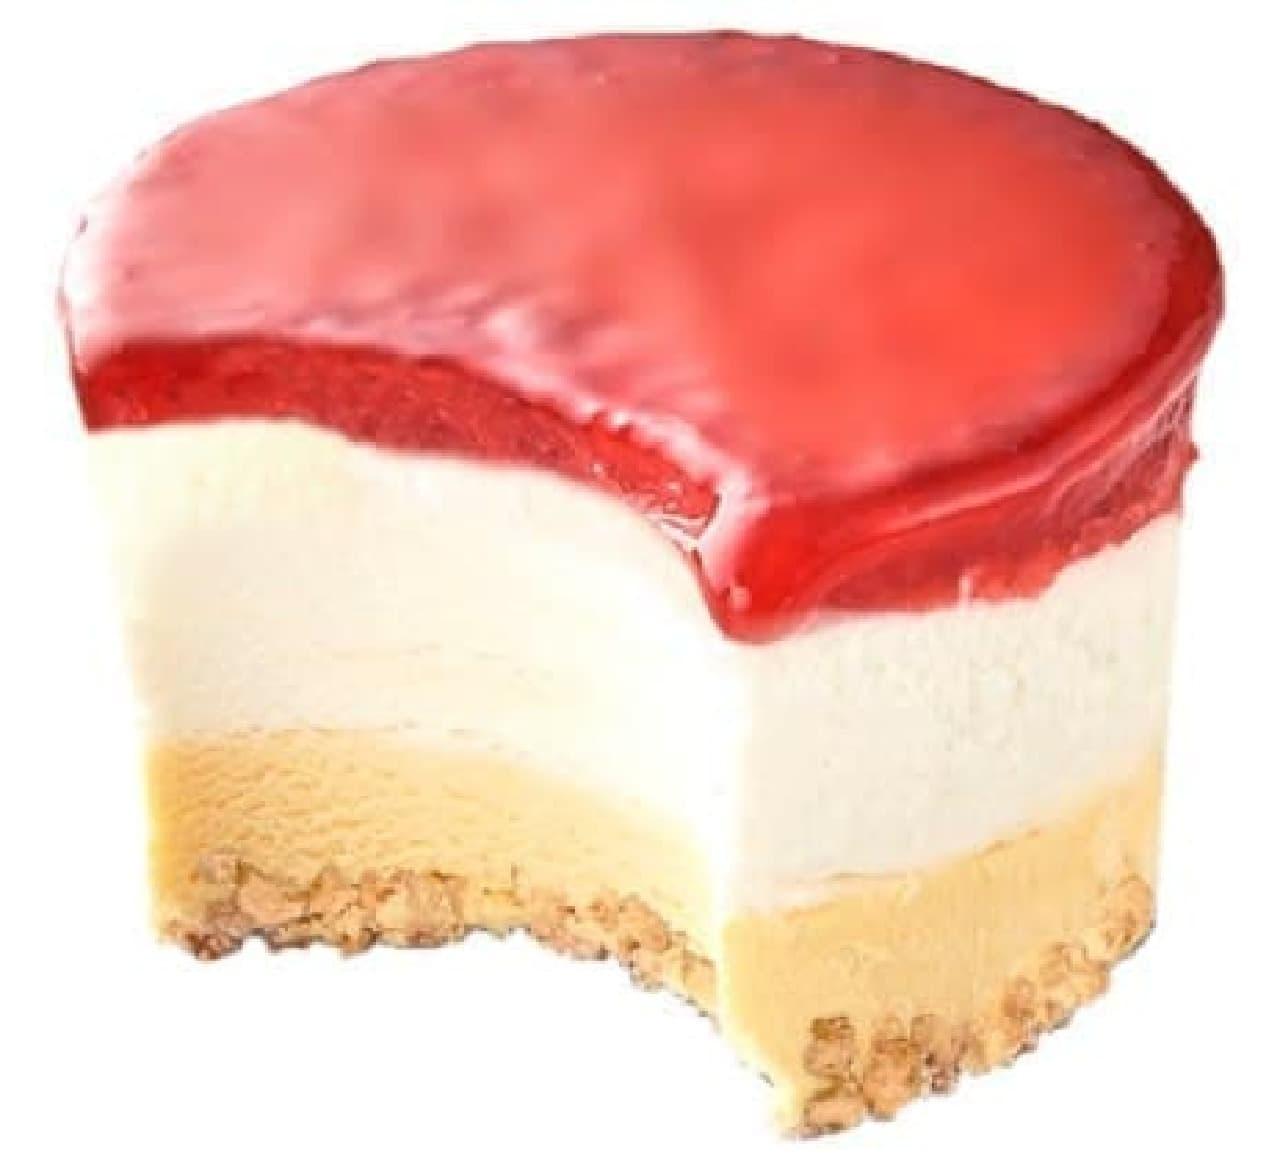 シャトレーゼ「DESSERT ICE(デザートアイス) 北海道産生クリームの苺ショートケーキ」